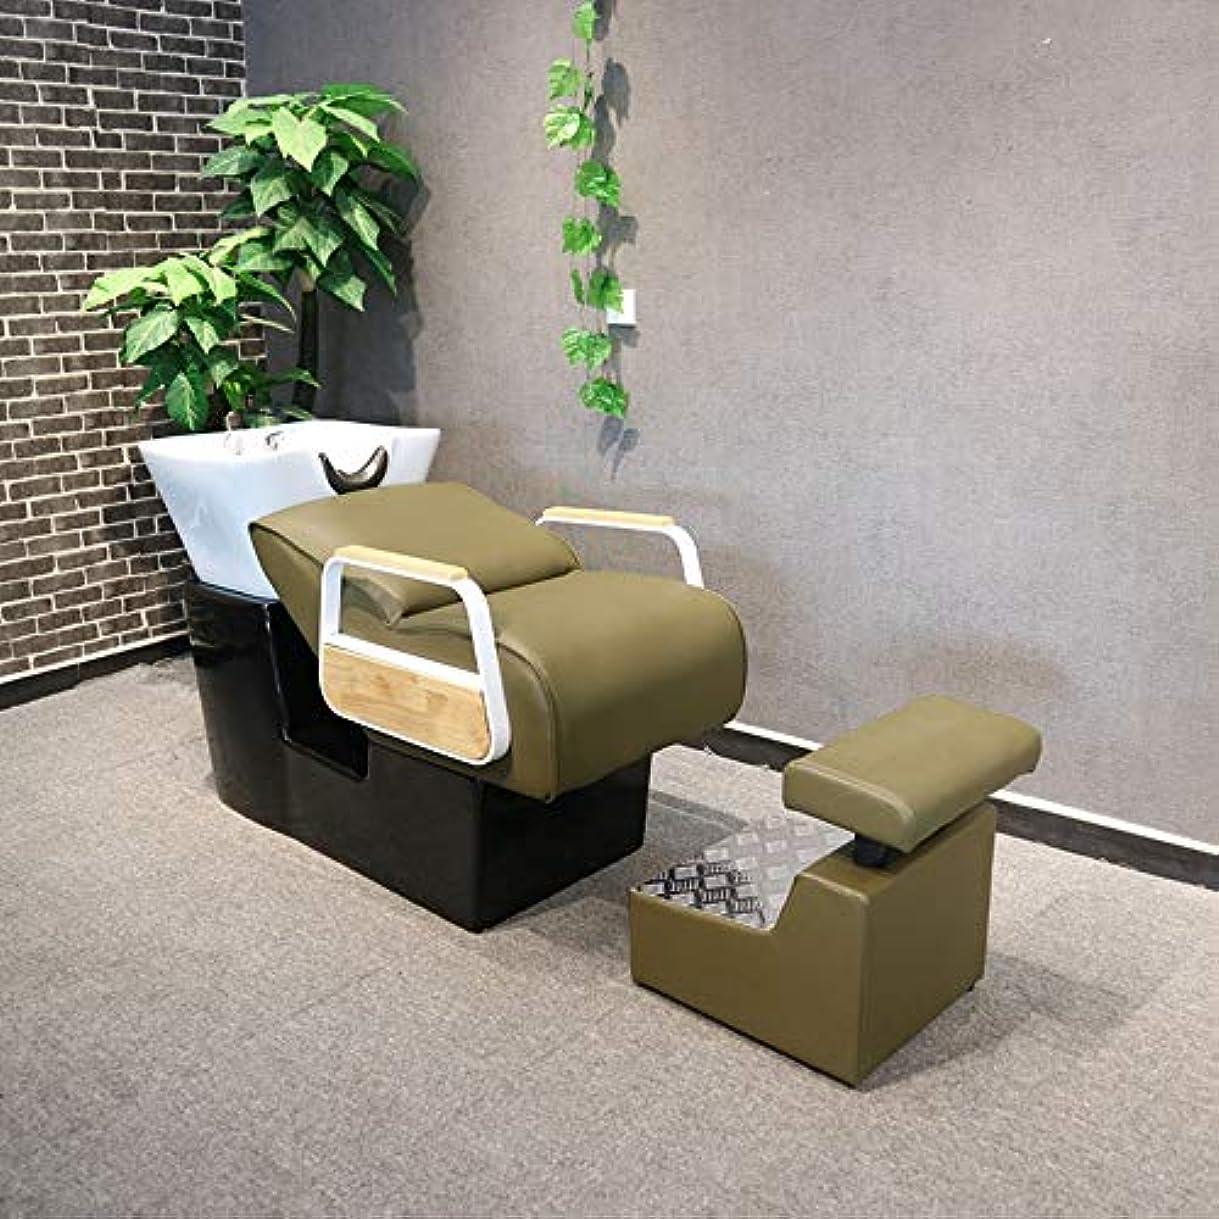 持続的膜パリティシャンプーの椅子、美容院装置の逆洗装置の陶磁器の洗面器の洗い流すベッドのシャンプーボールの理髪店の流しの椅子